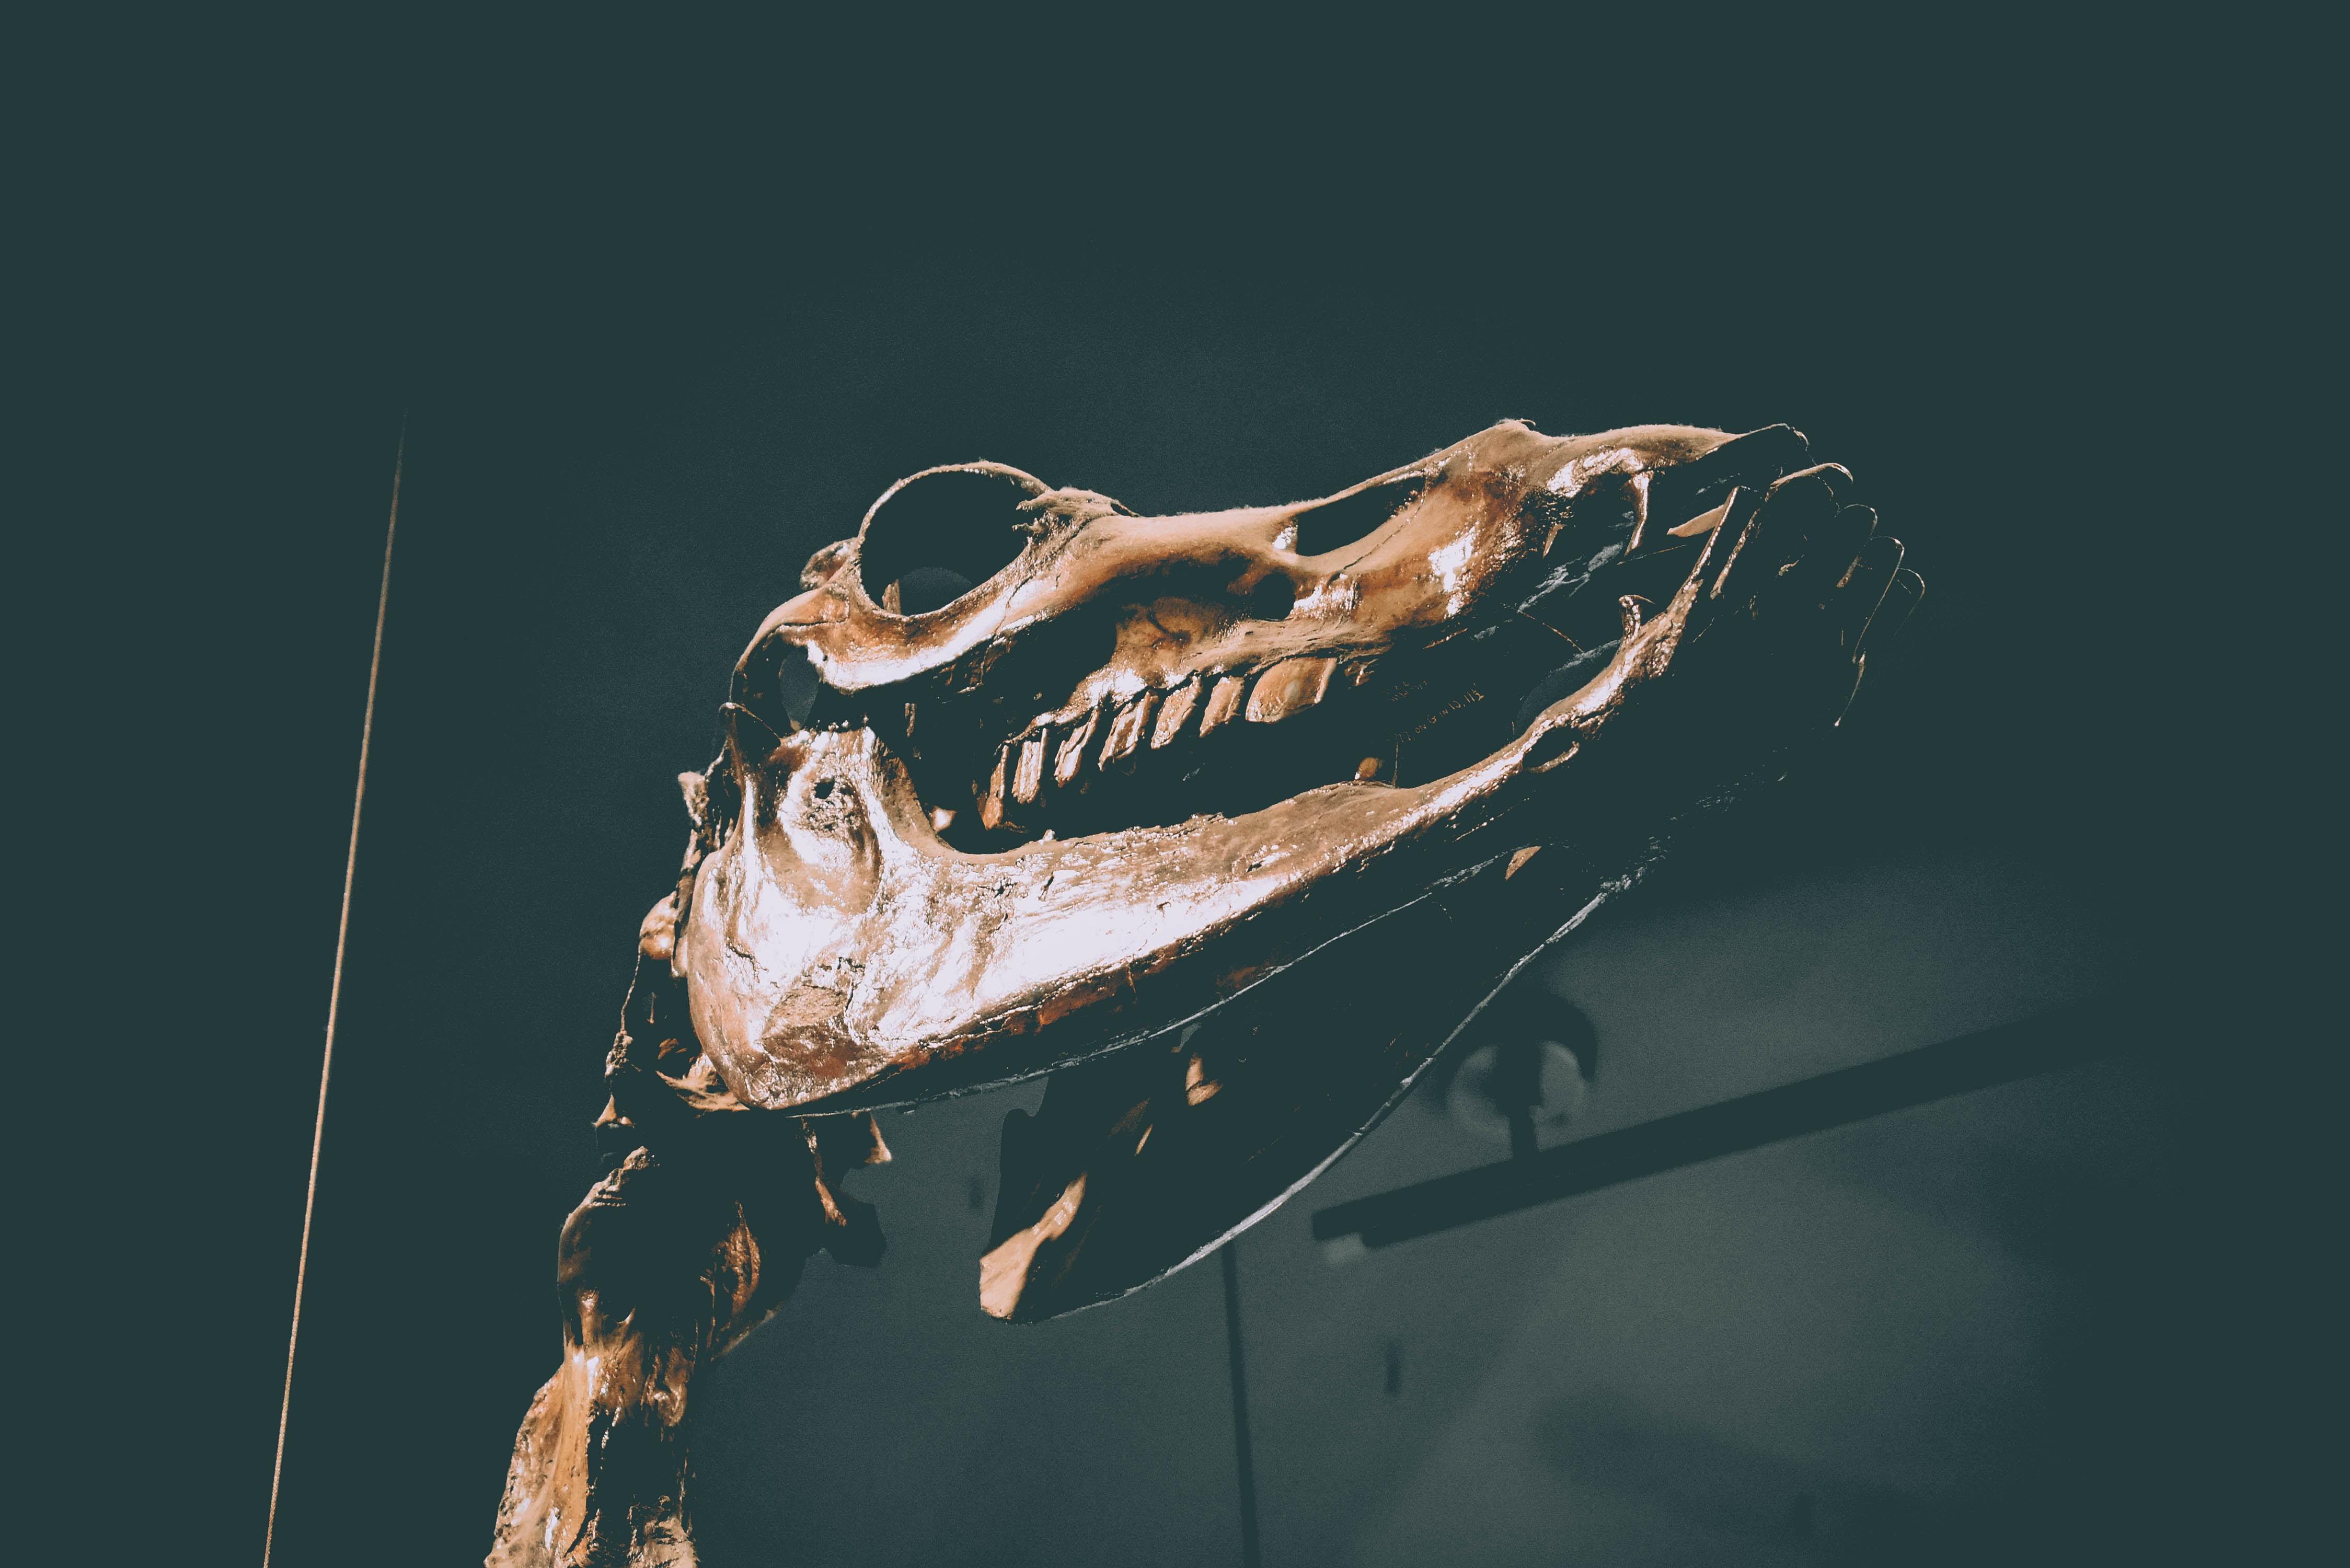 brown dinosaur skull